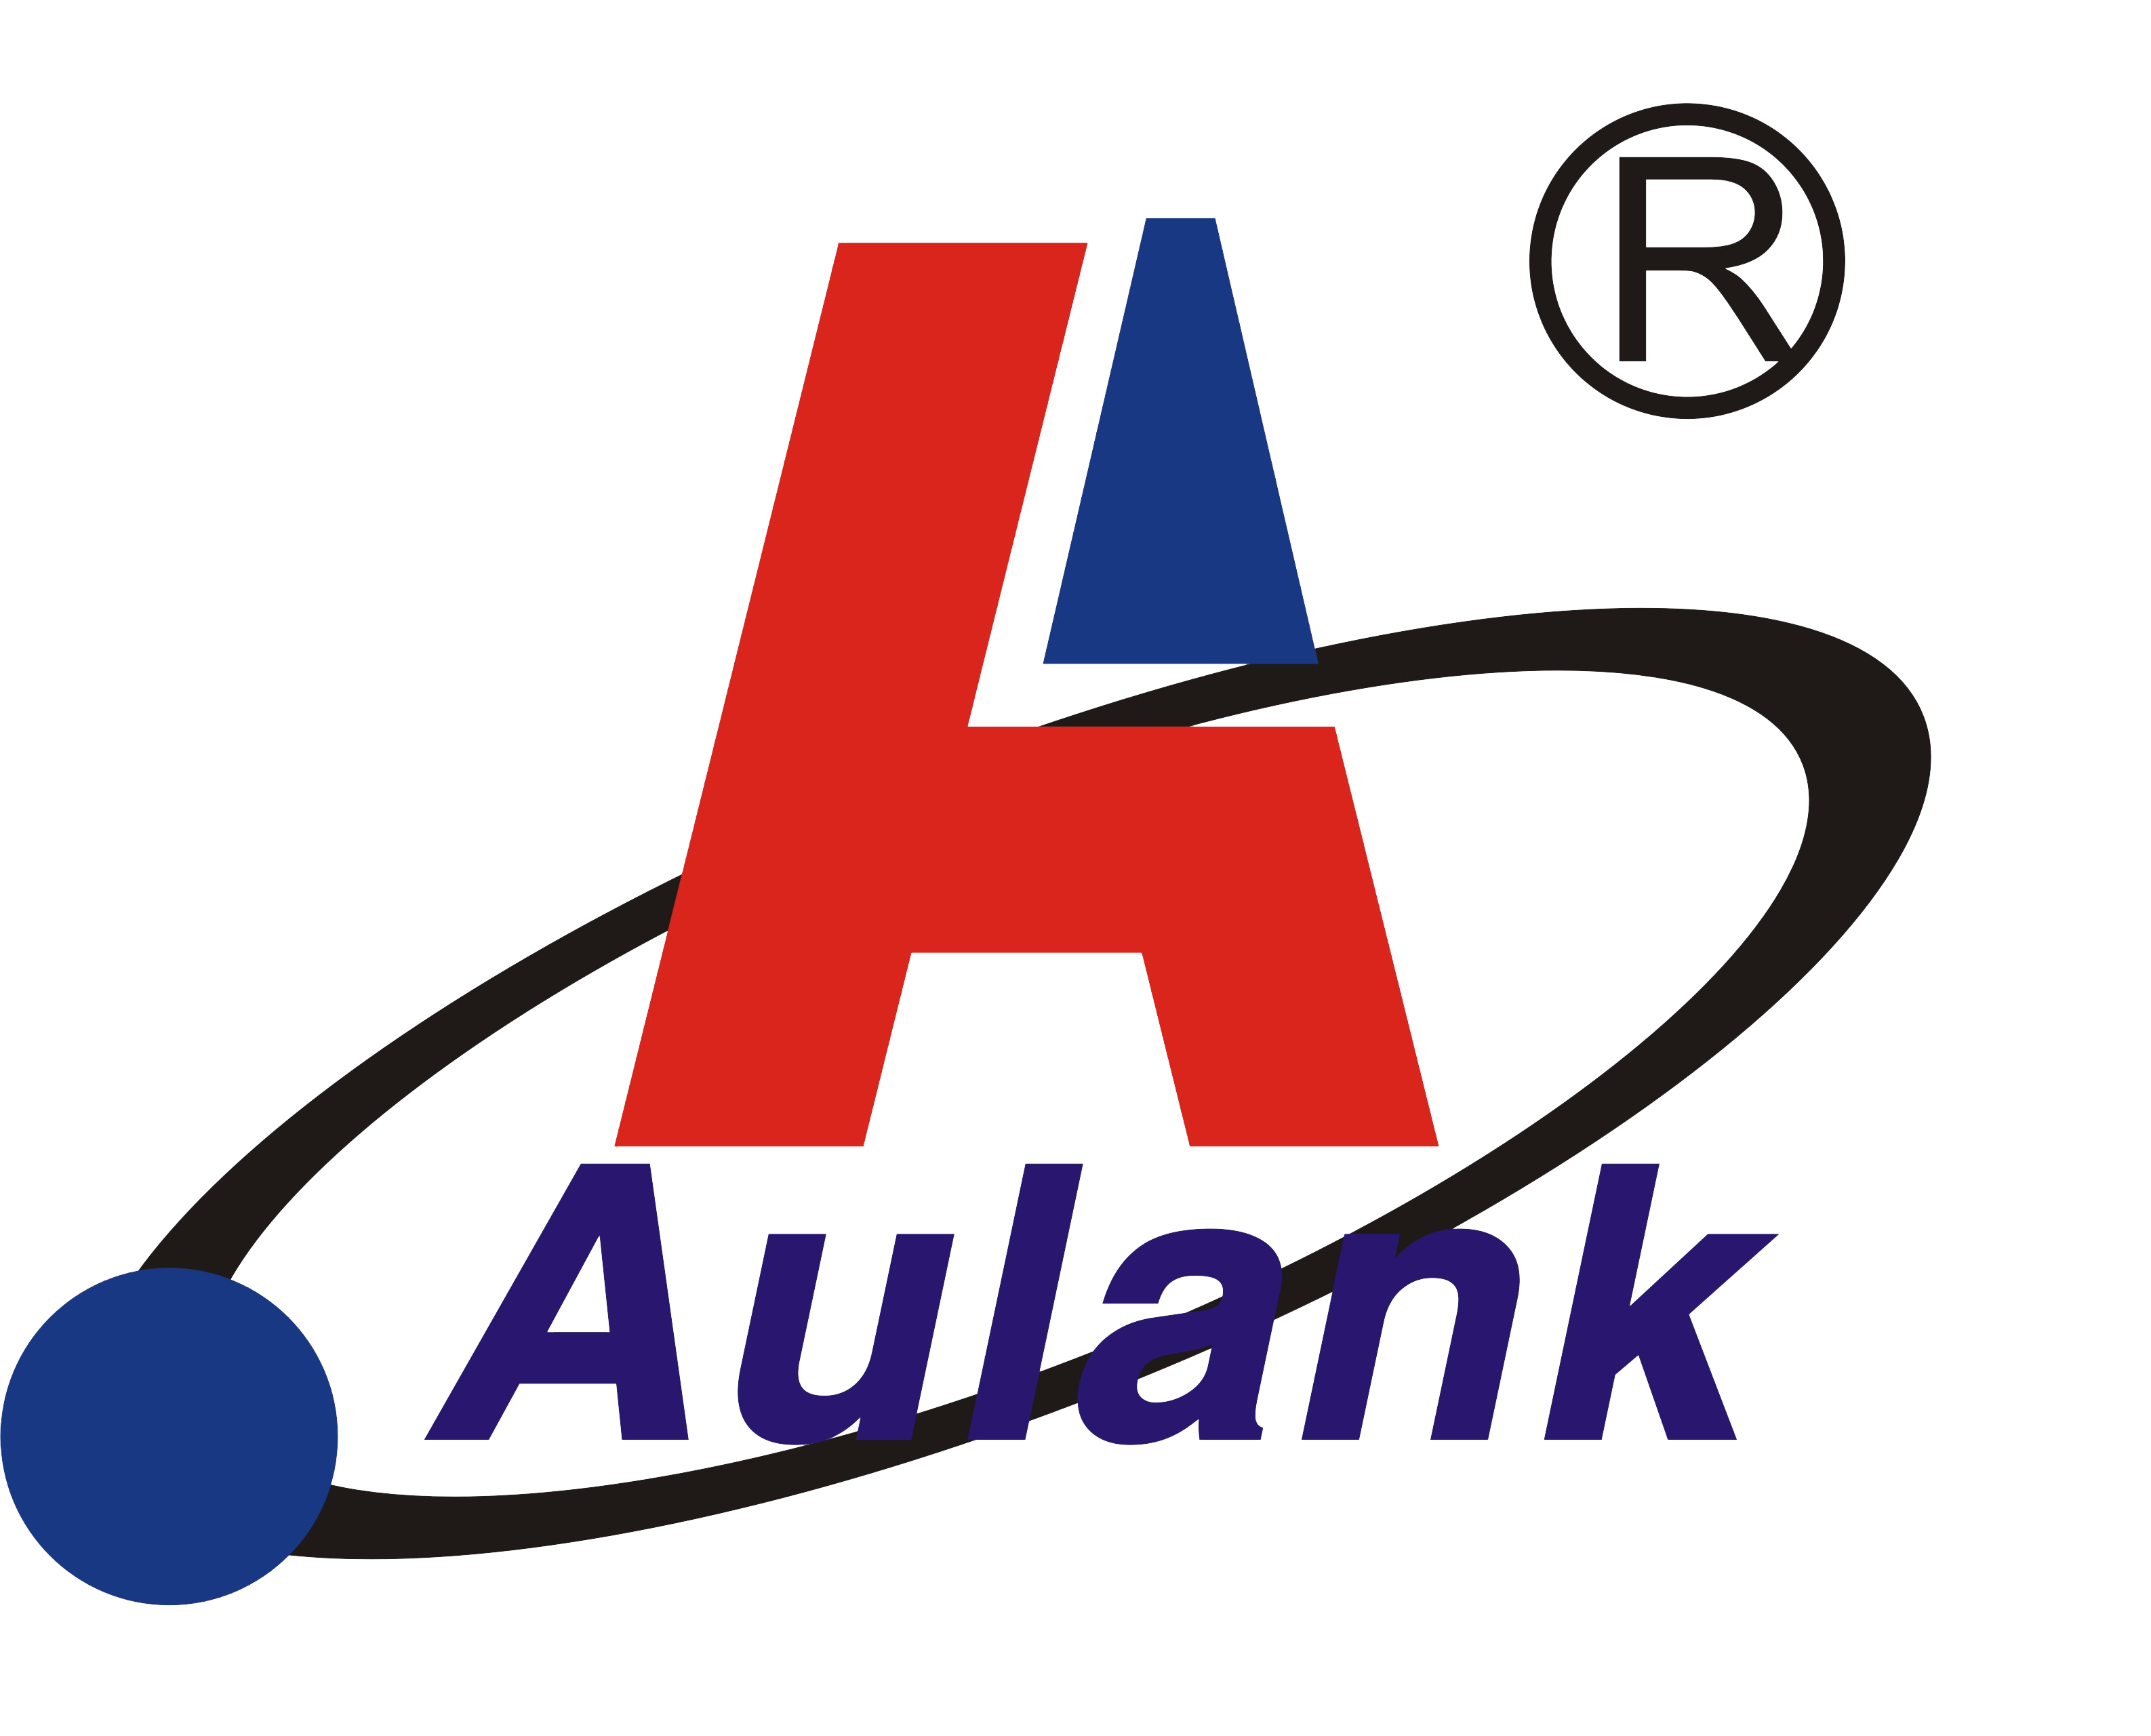 logo logo 标志 设计 矢量 矢量图 素材 图标 3173_2561